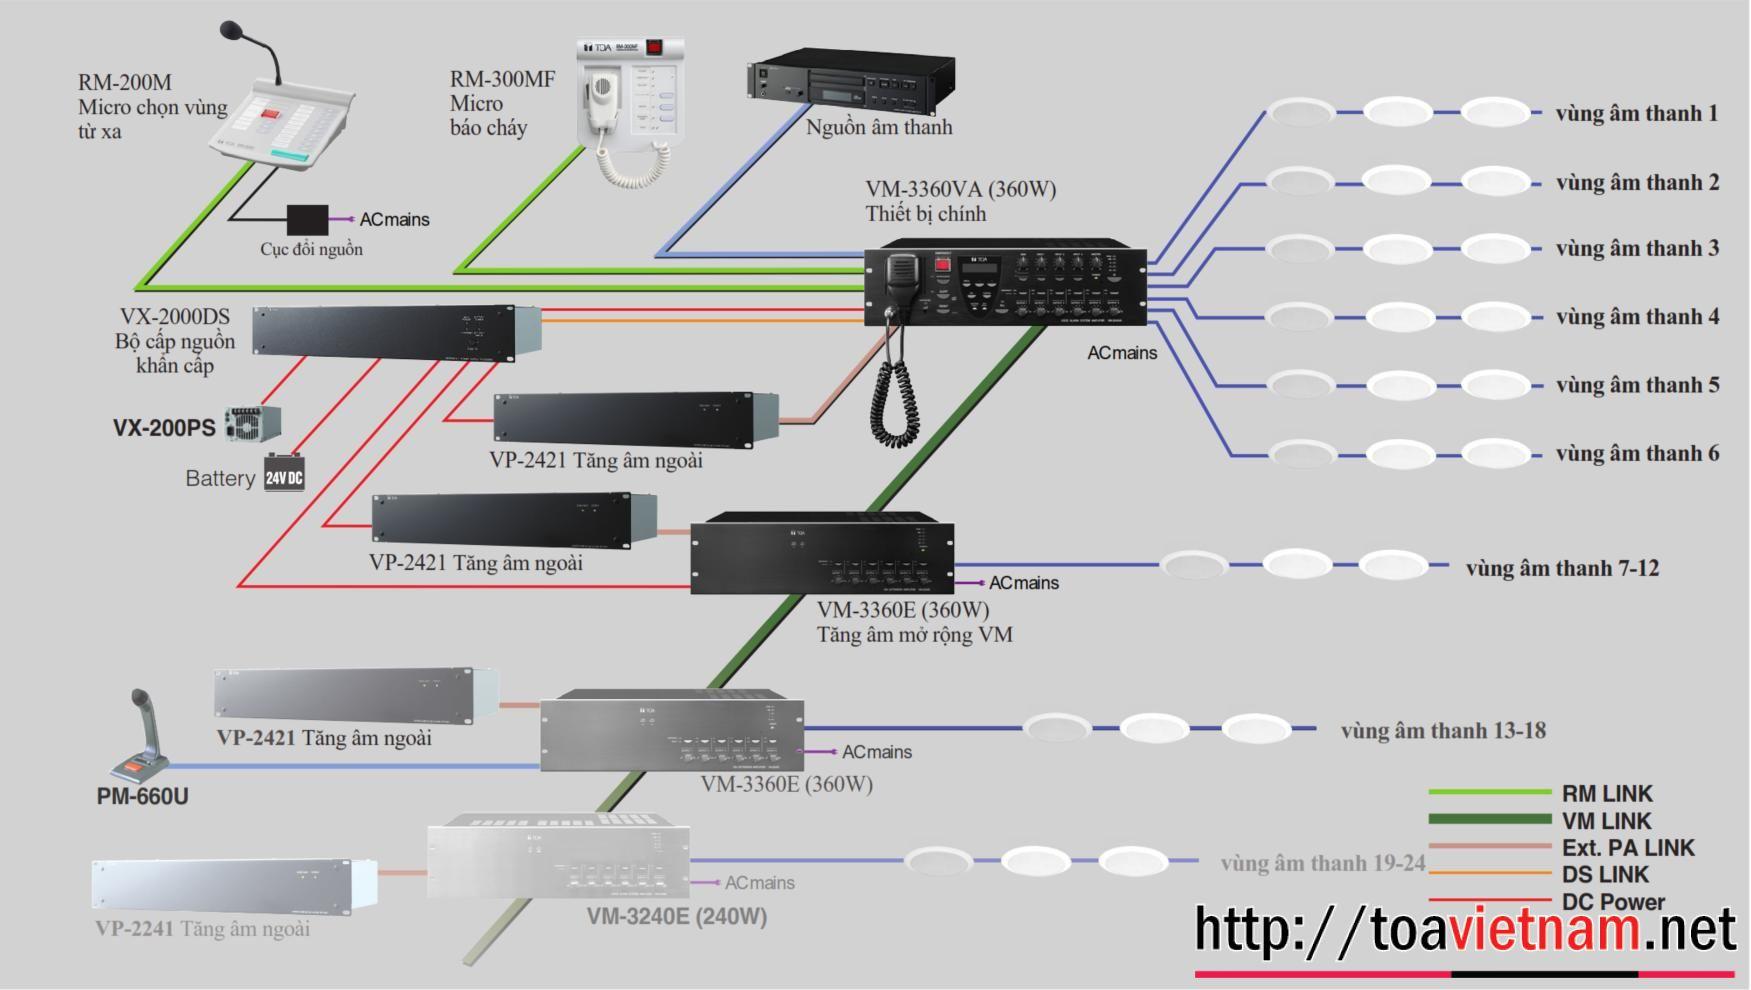 Hệ VM-3000, sơ đồ